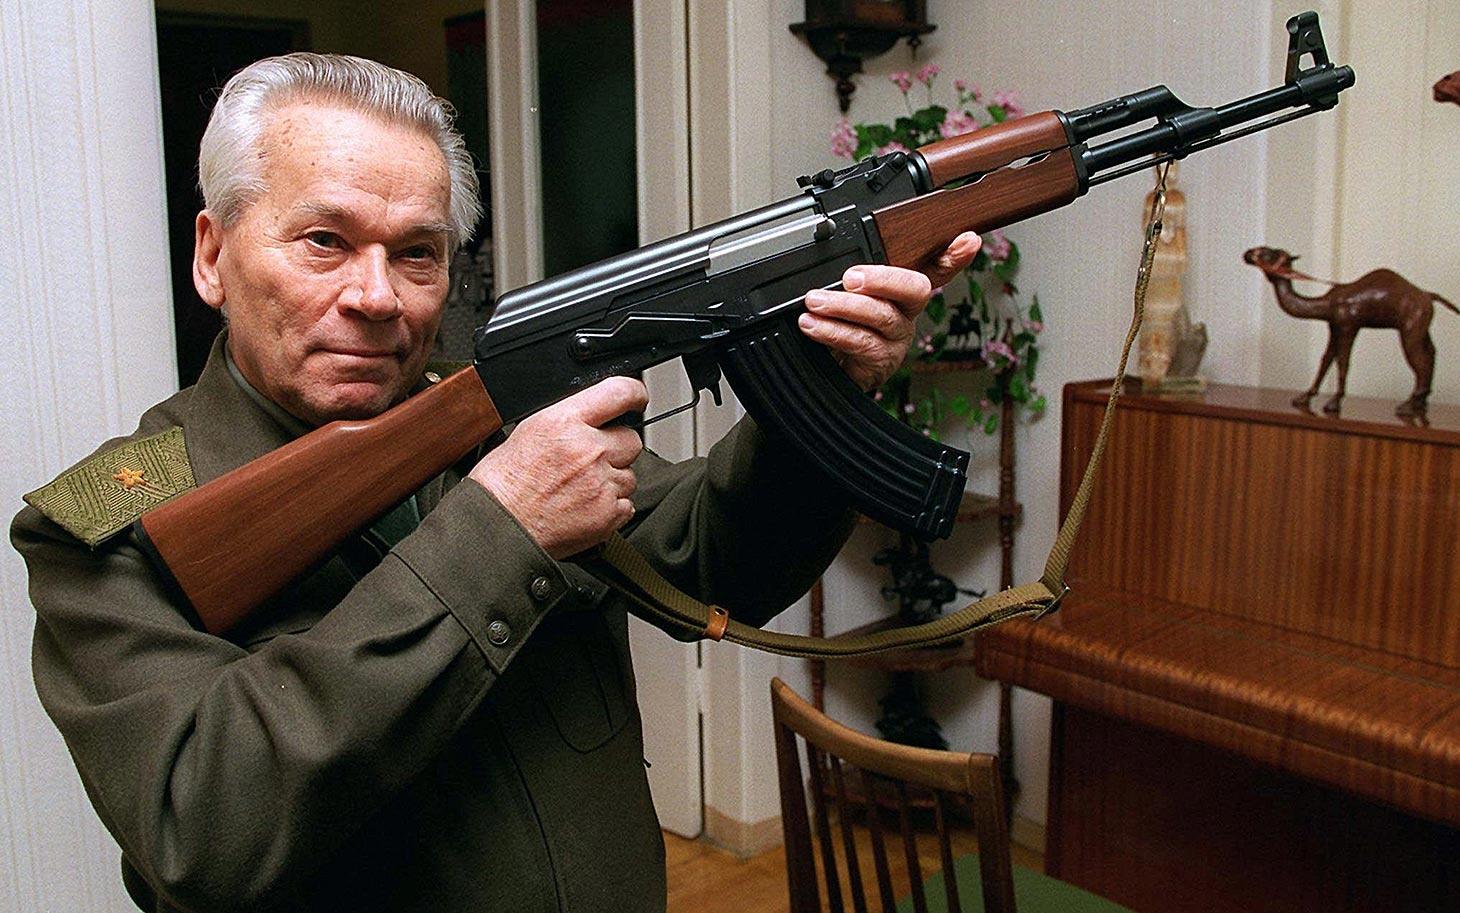 94세로 별세한 AK-47 소총의 개발자, 칼라슈니코프